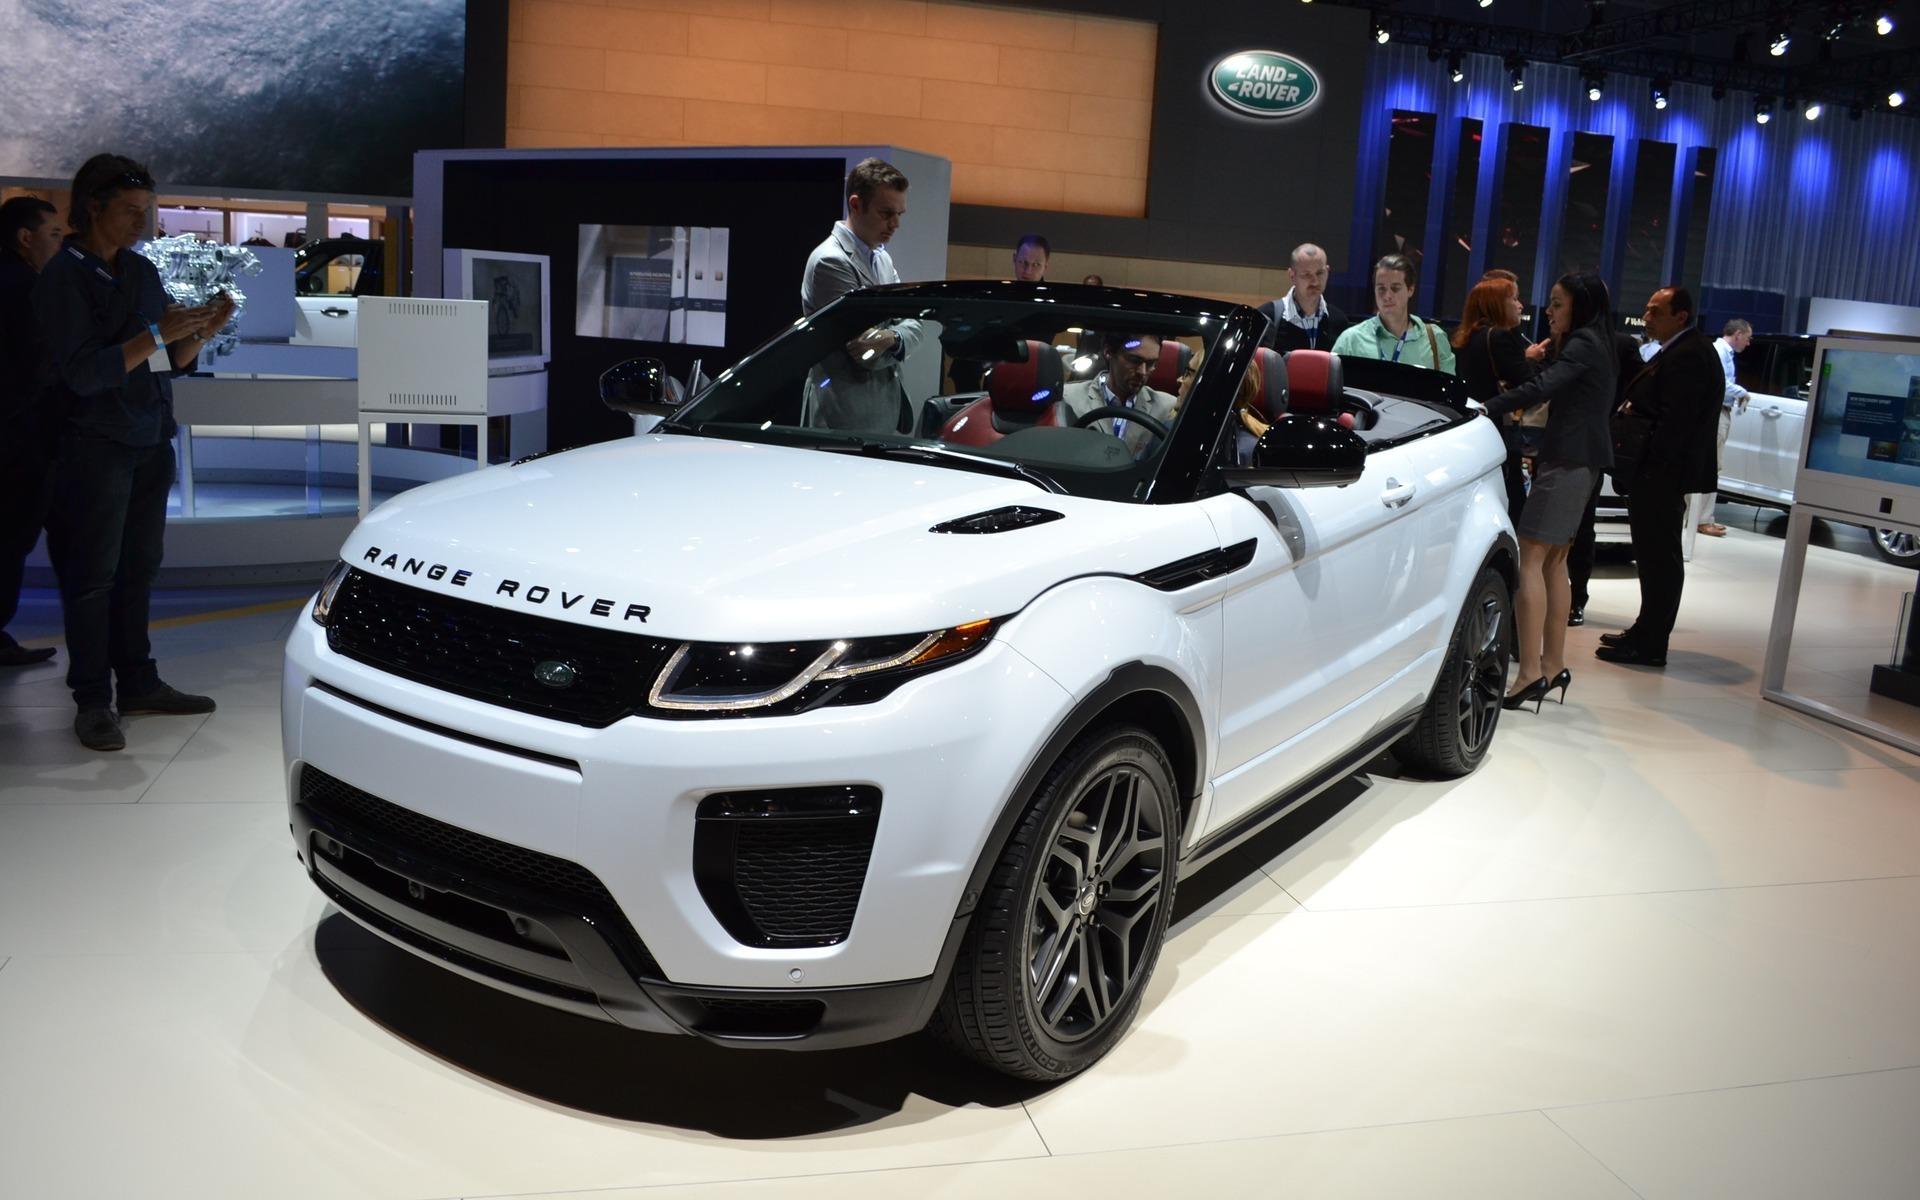 Range Rover Convertible >> Range Rover Evoque Convertible Ready To Go The Car Guide